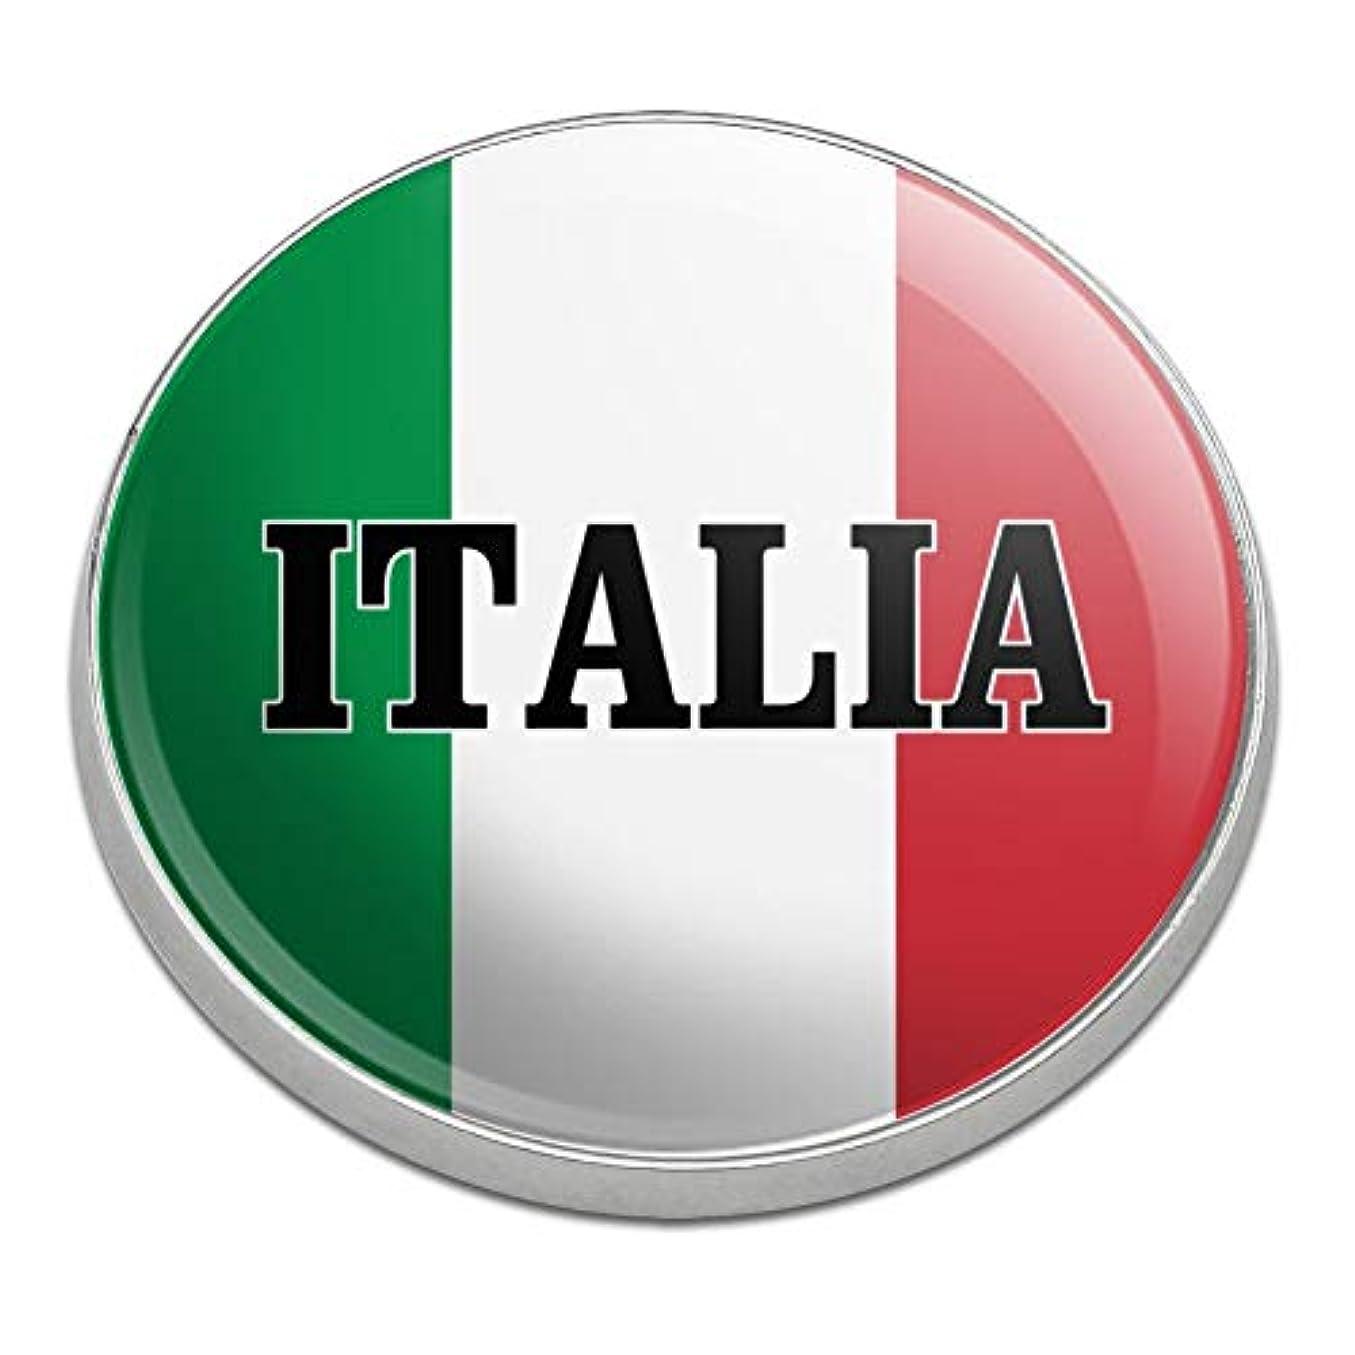 ご意見インタビューおじいちゃんイタリアイタリアイタリアの旗ゴルフプレミアムメタルゴルフボールマーカー